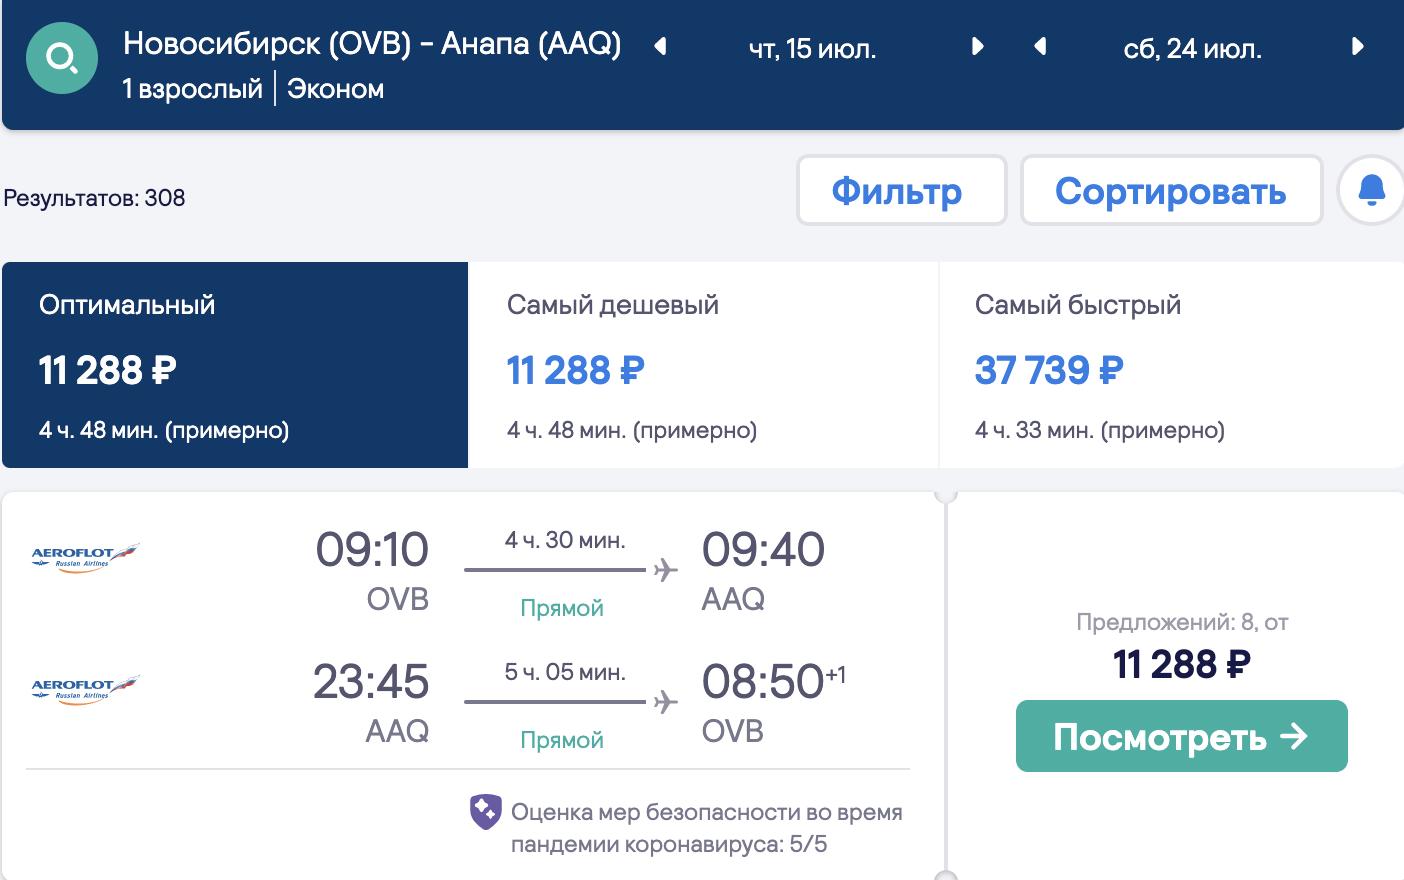 Подешевело! Прямые рейсы Аэрофлота из Новосибирска в Анапу и Крым от 11300₽ туда-обратно в июле